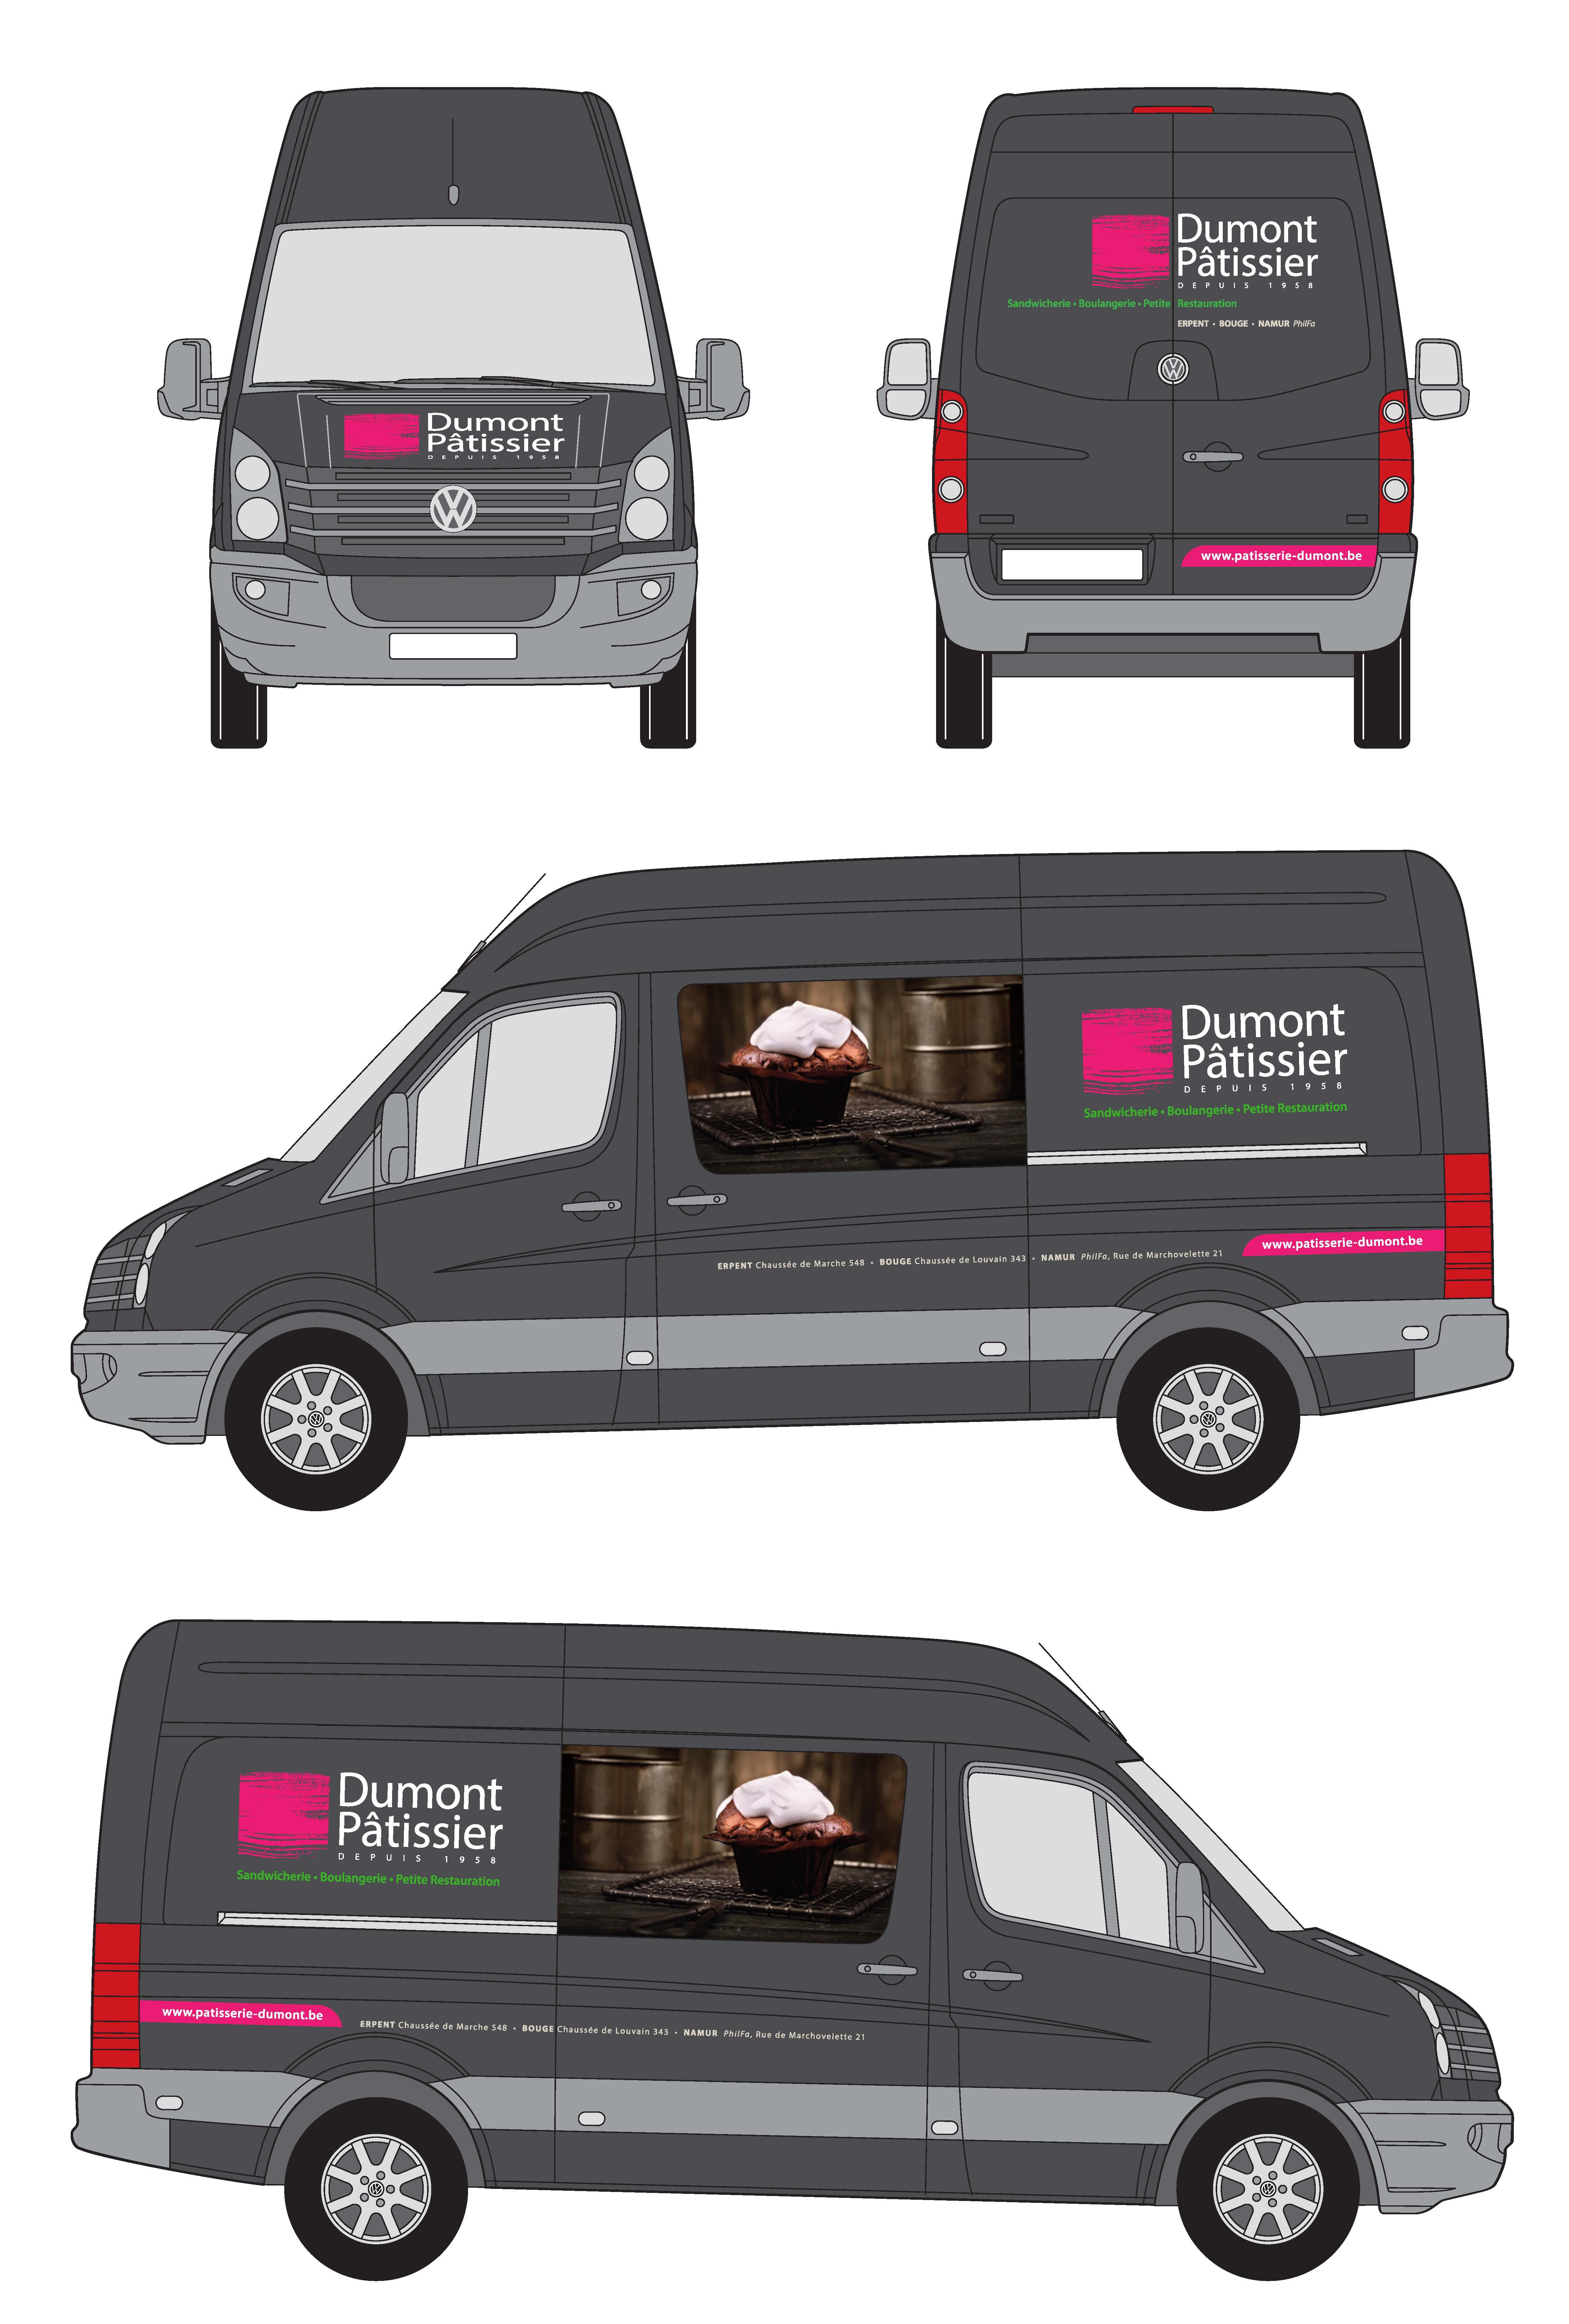 Decor Camionnette Dumont